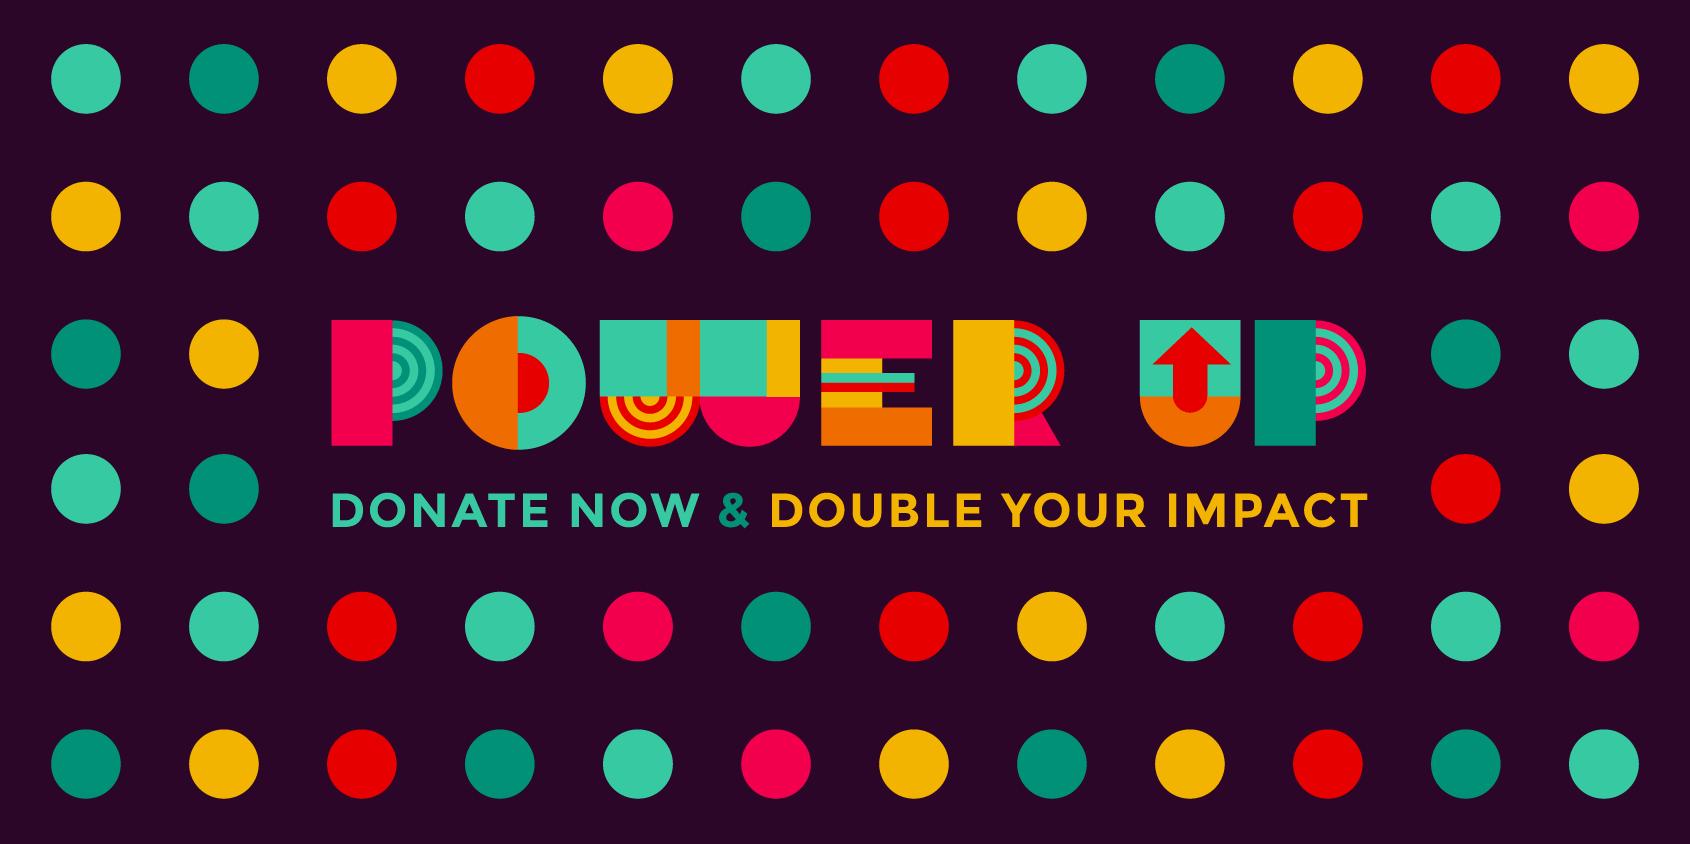 Accendere! Donazioni abbinate automaticamente questa settimana